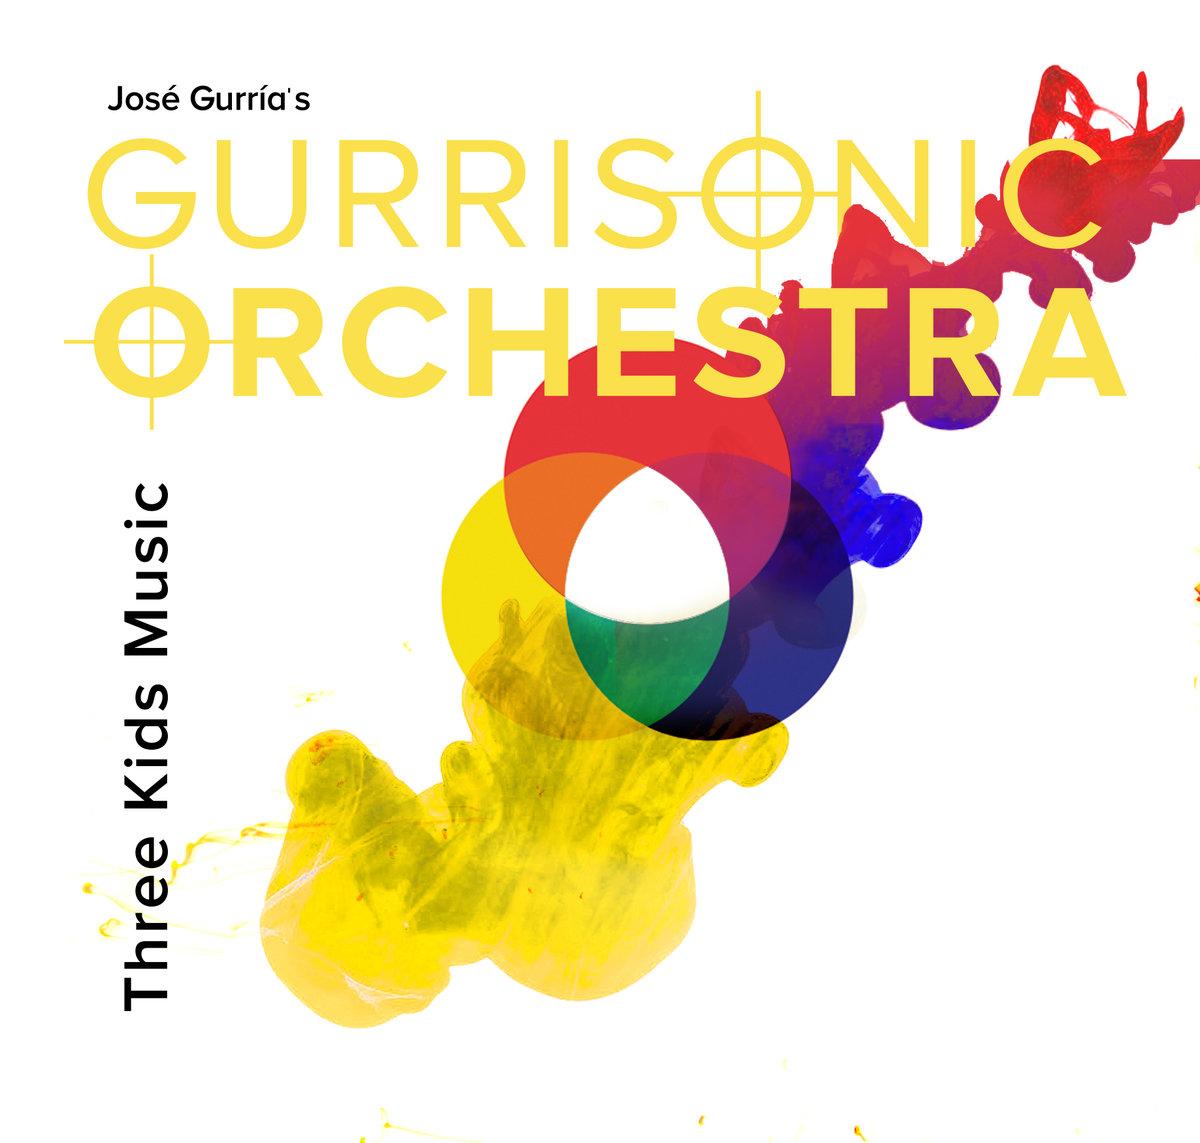 Gurrisonic Orchestra // Three Kids Music